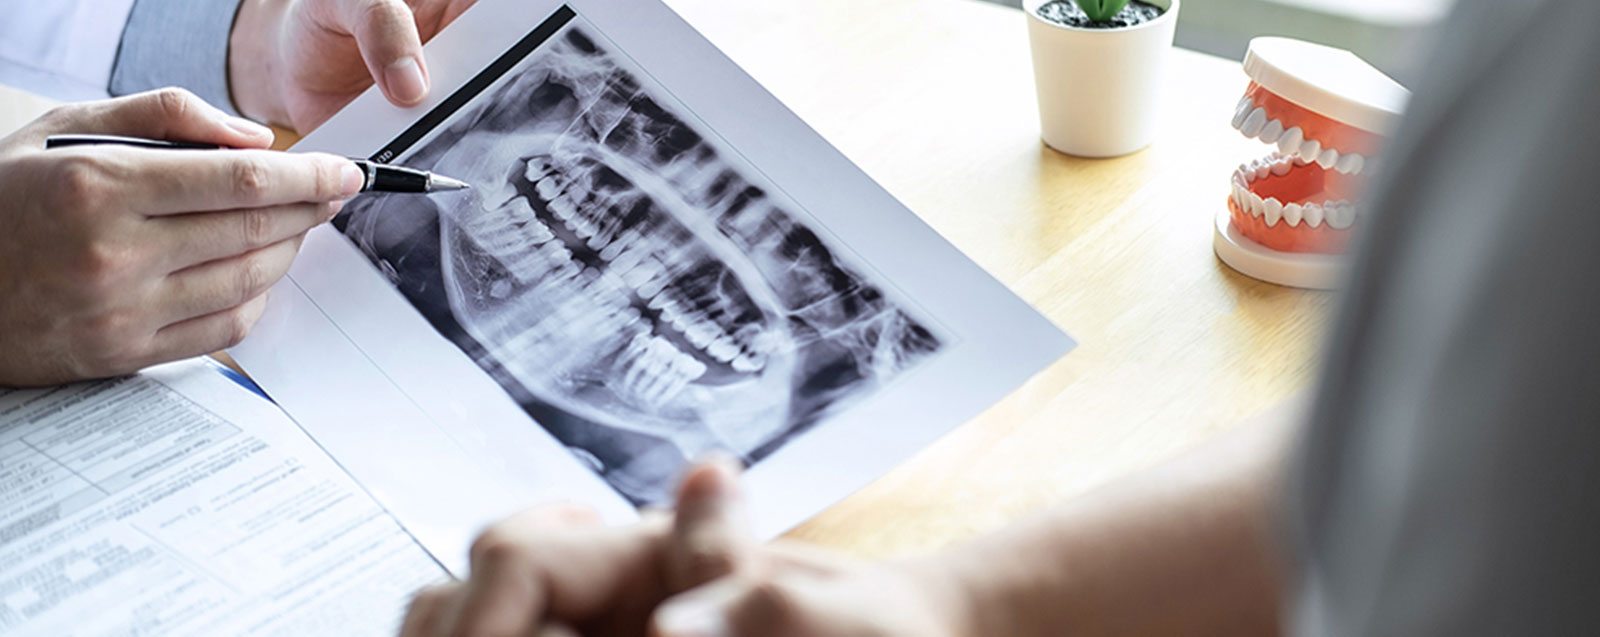 Funktionstherapie bei Kieferproblemen